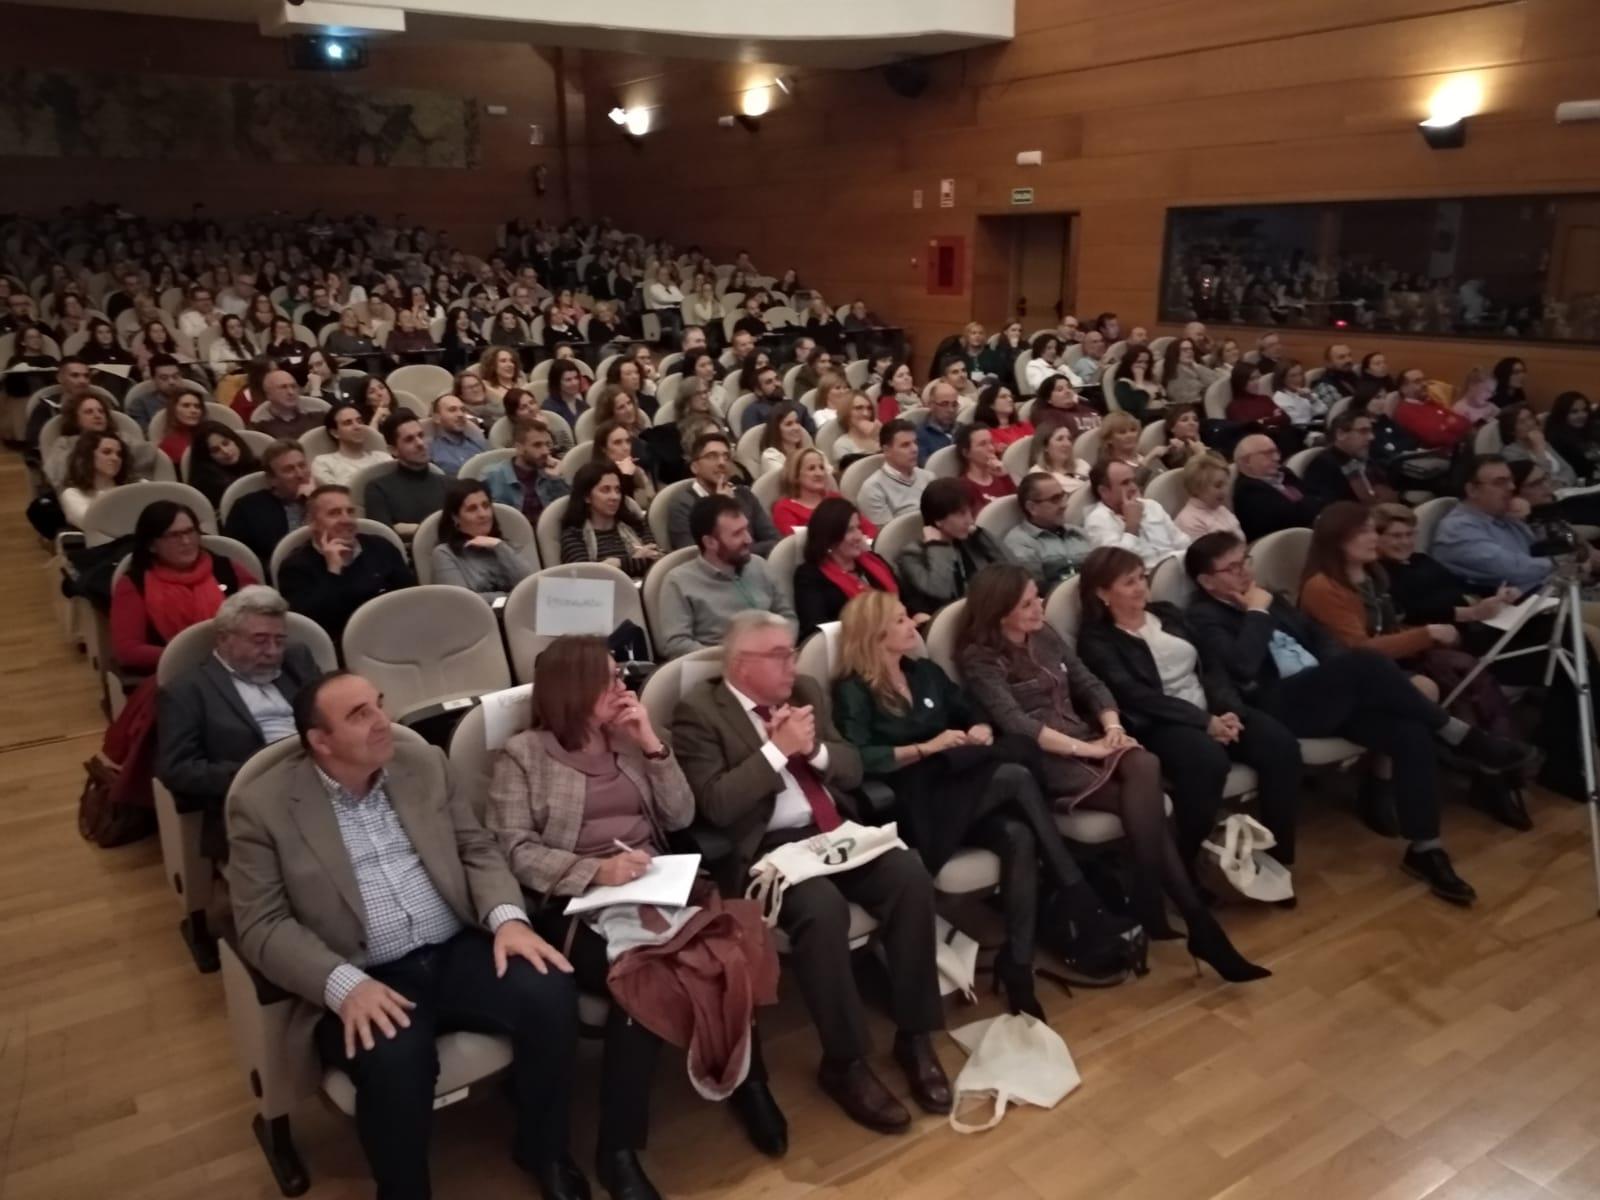 El I Congreso Jaén Educa, una iniciativa pionera que alienta sinergias para avanzar hacia la calidad